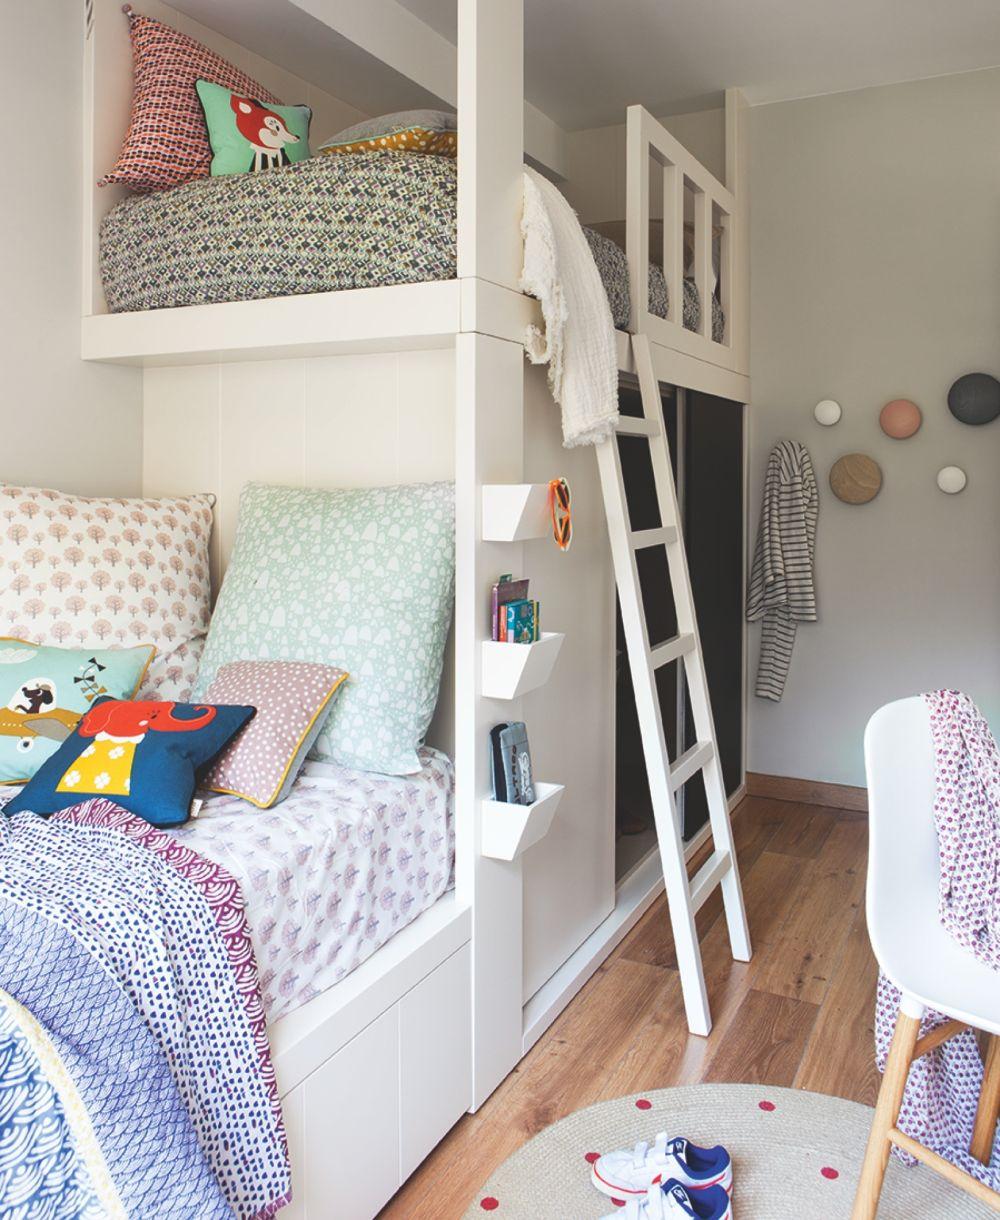 adelaparvu-com-despre-casa-in-stil-mediteranean-barcelona-designer-meritxell-ribe-30